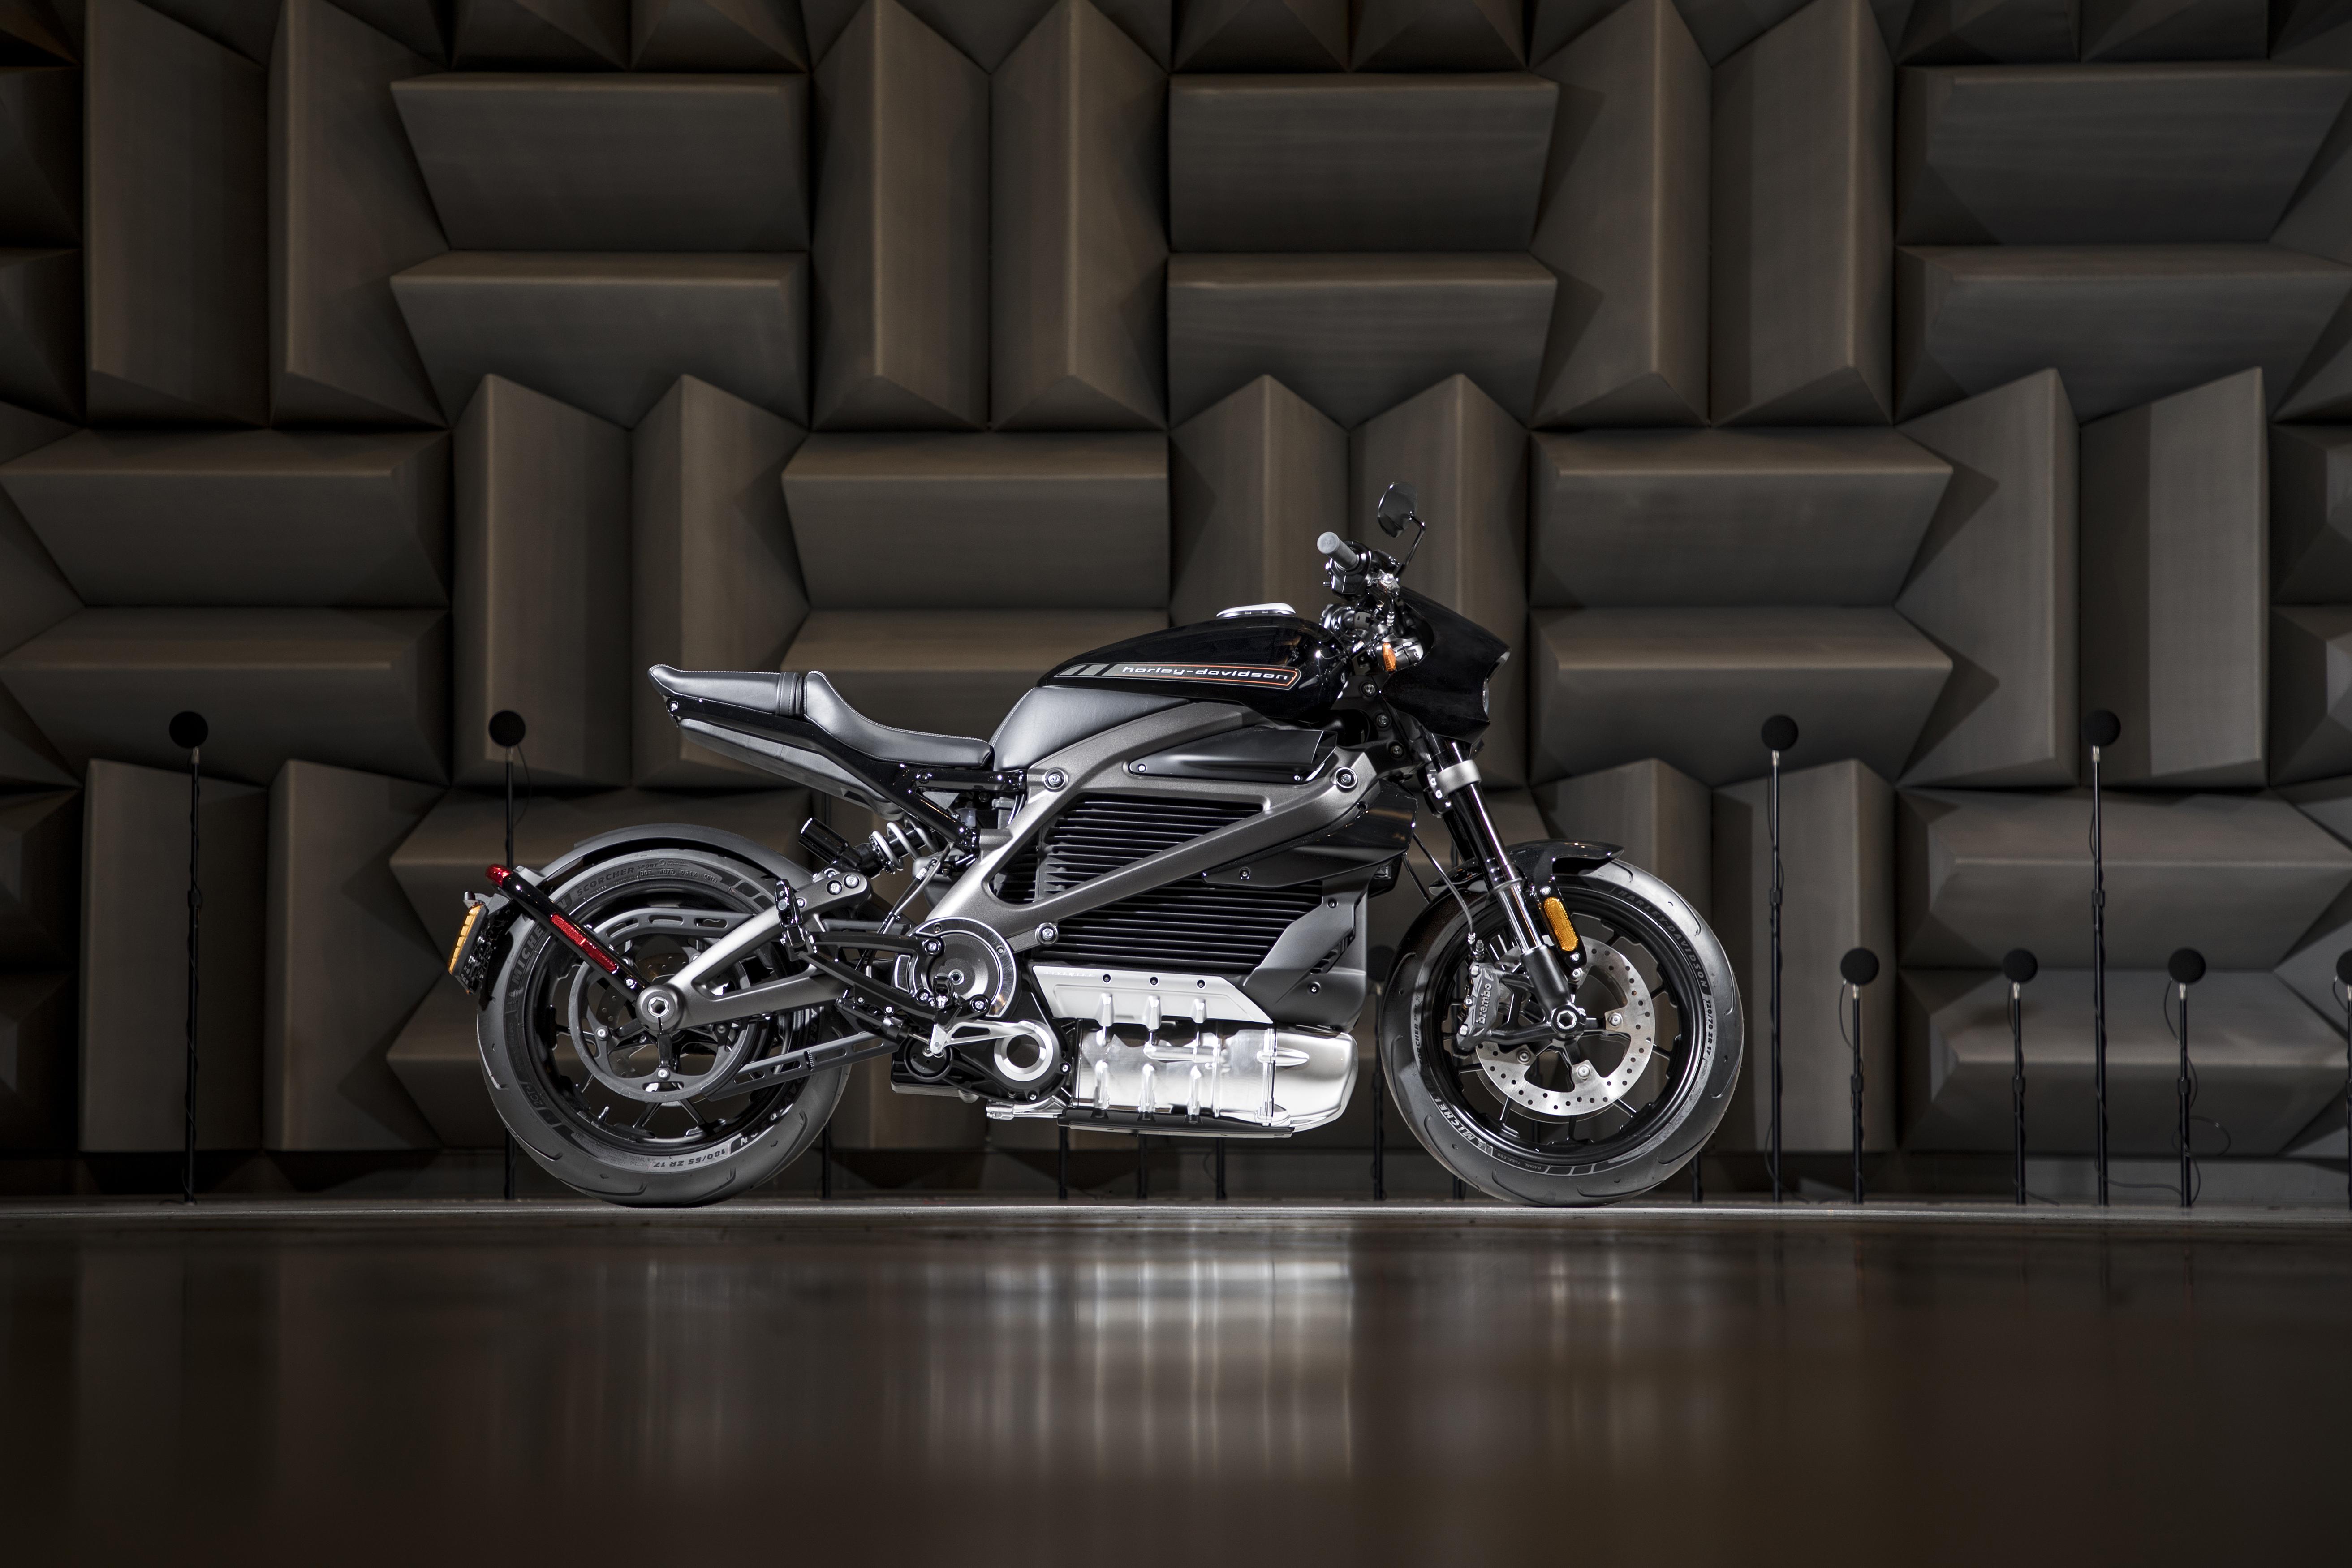 2019 Harley-Davidson LiveWire - More Roads to Harley-Davidson